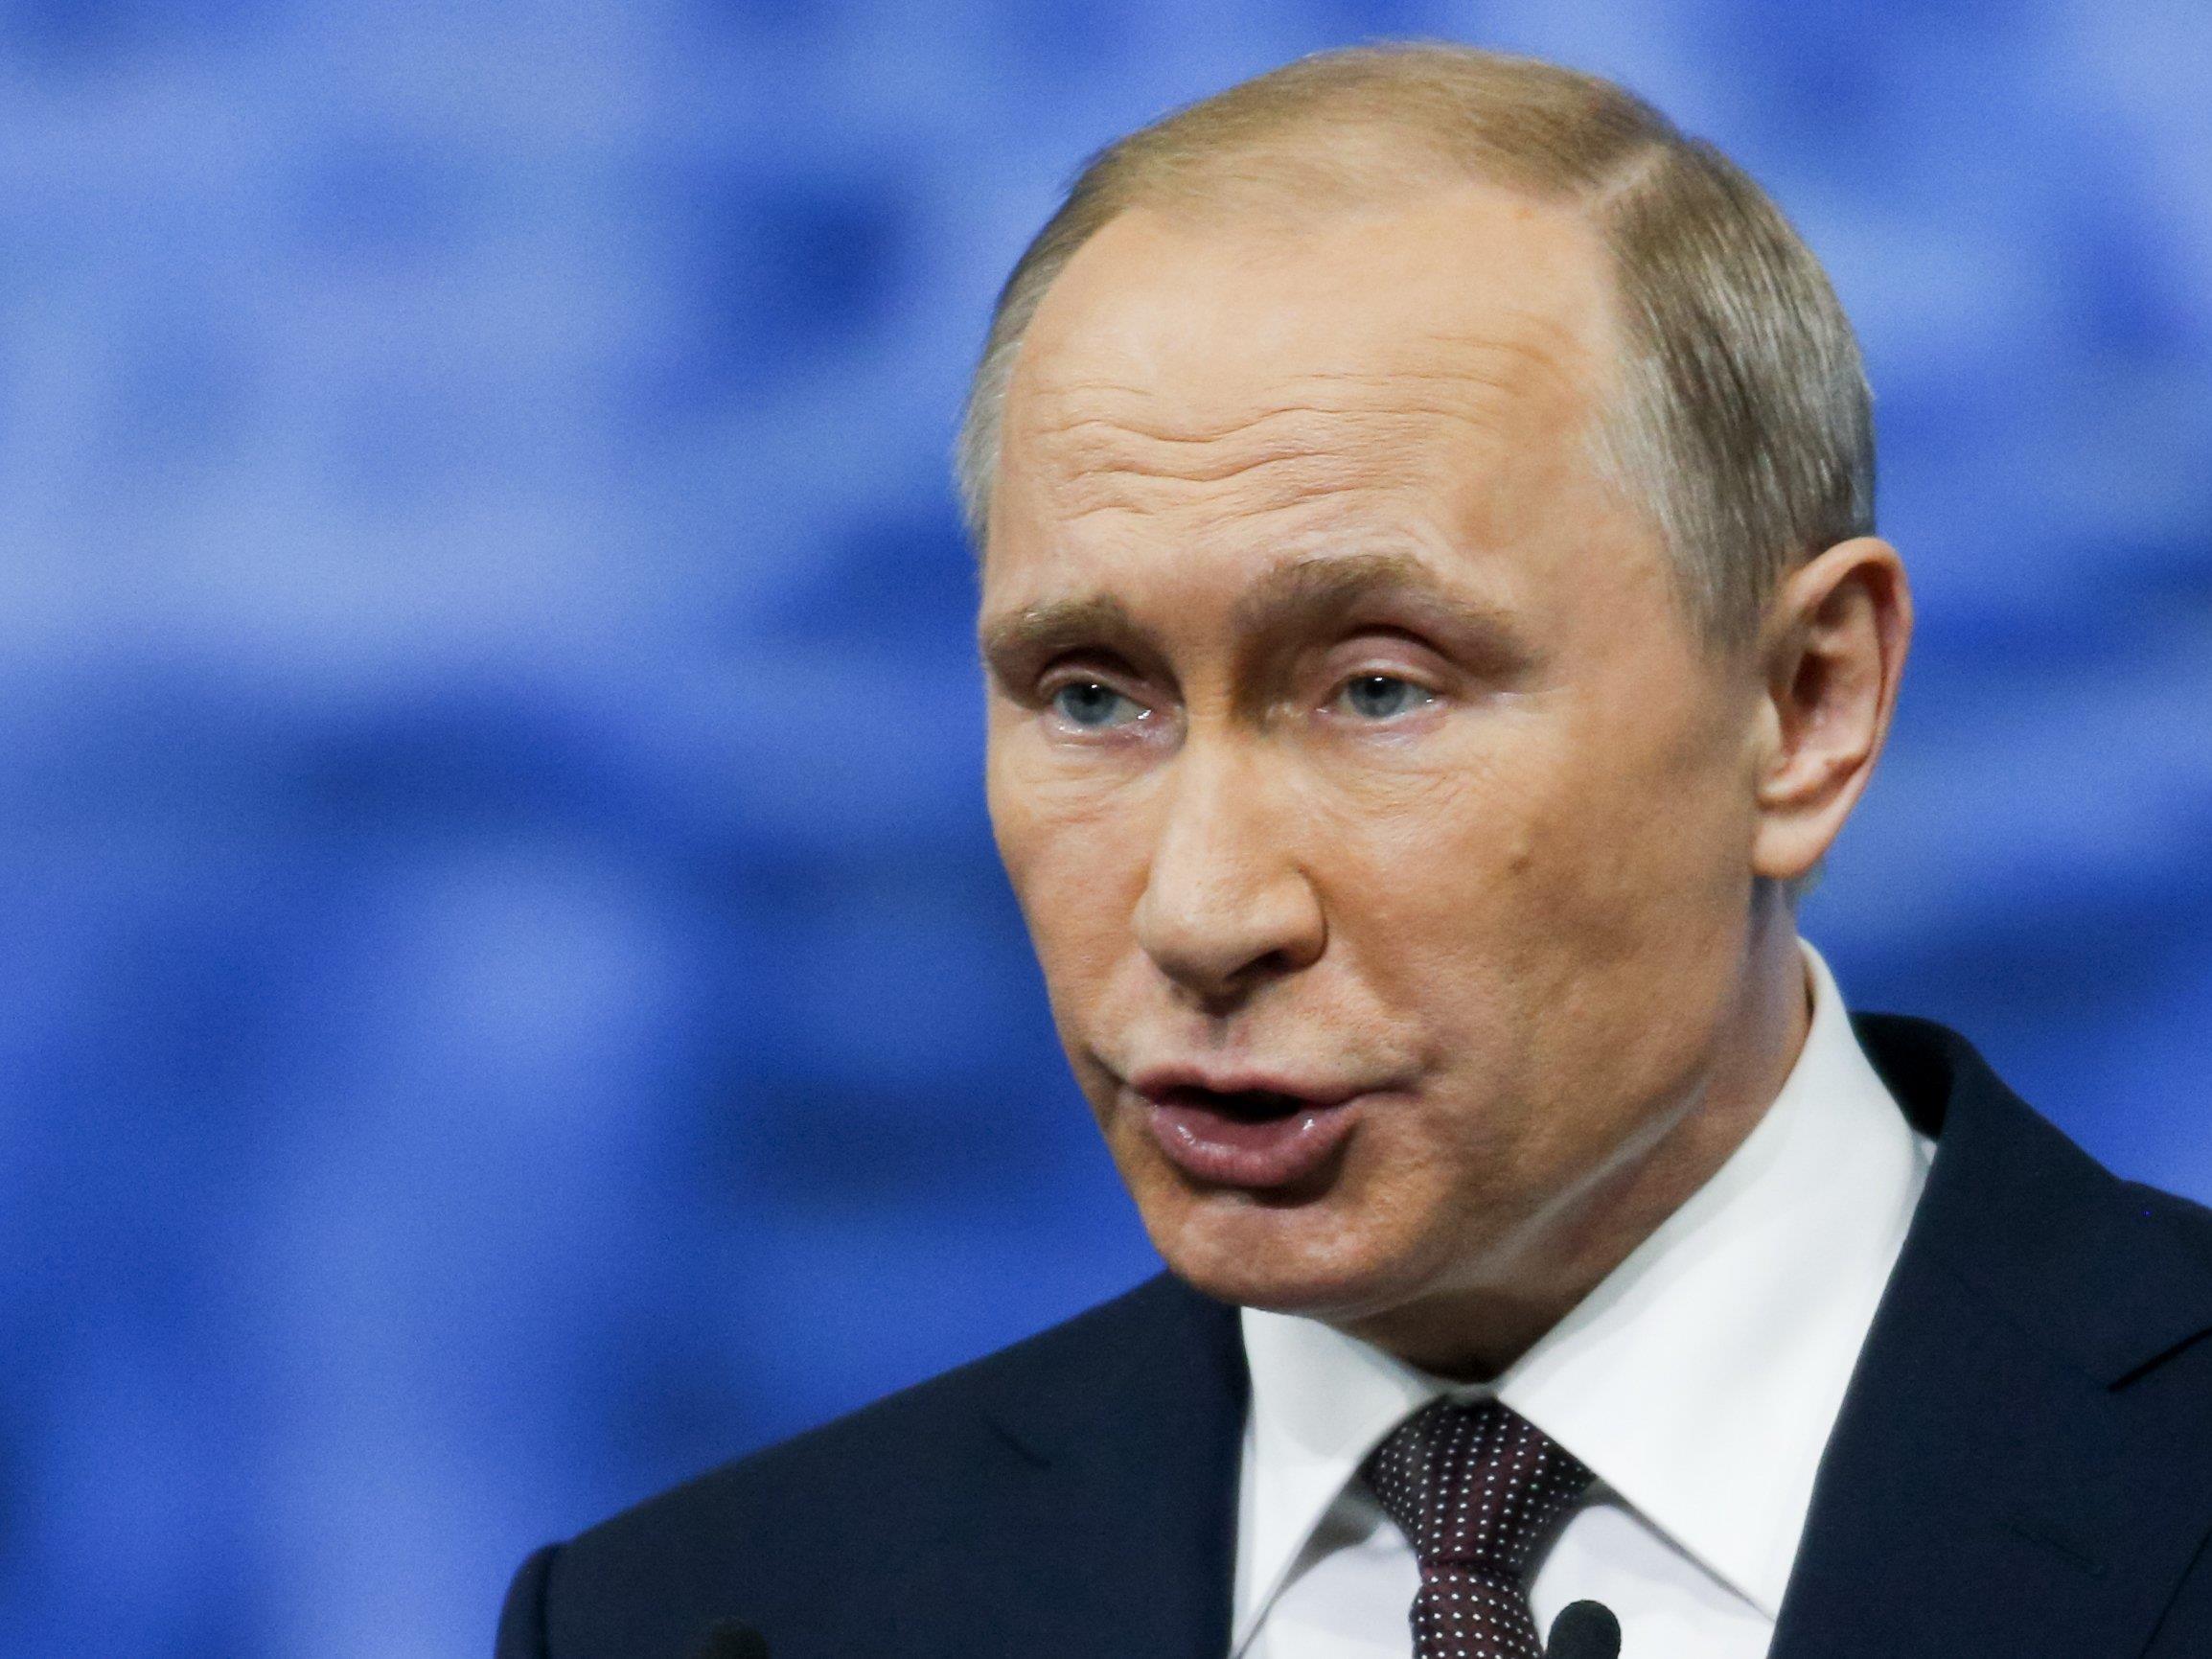 Russlands Präsident Wladimir Putin bestreitet die Vorwürfe ab.